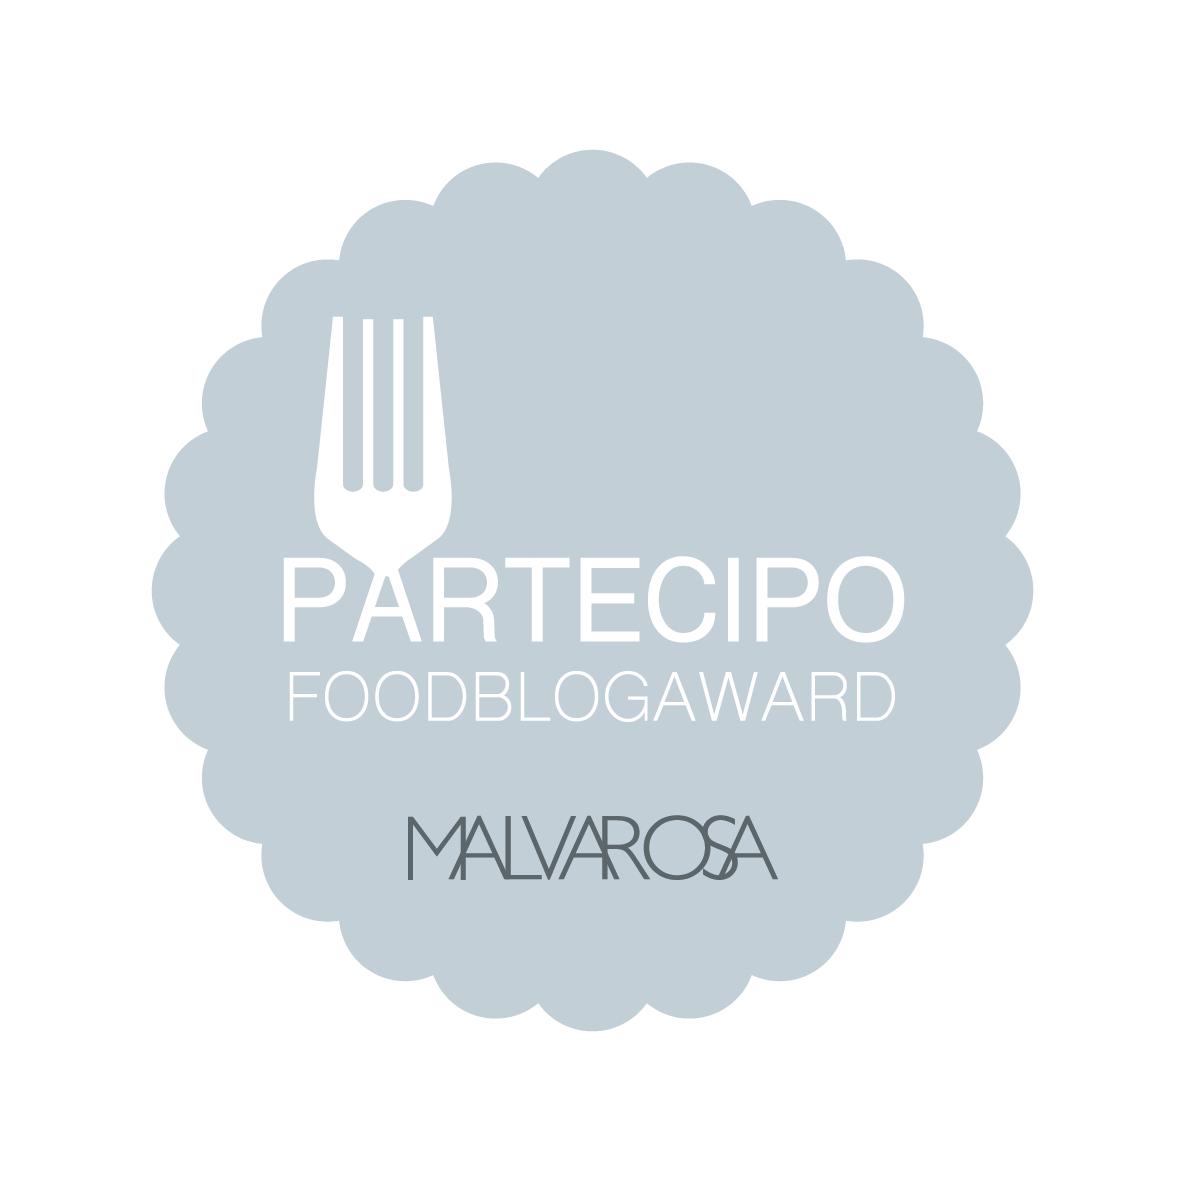 Partecipo al Food Blog Award 2016